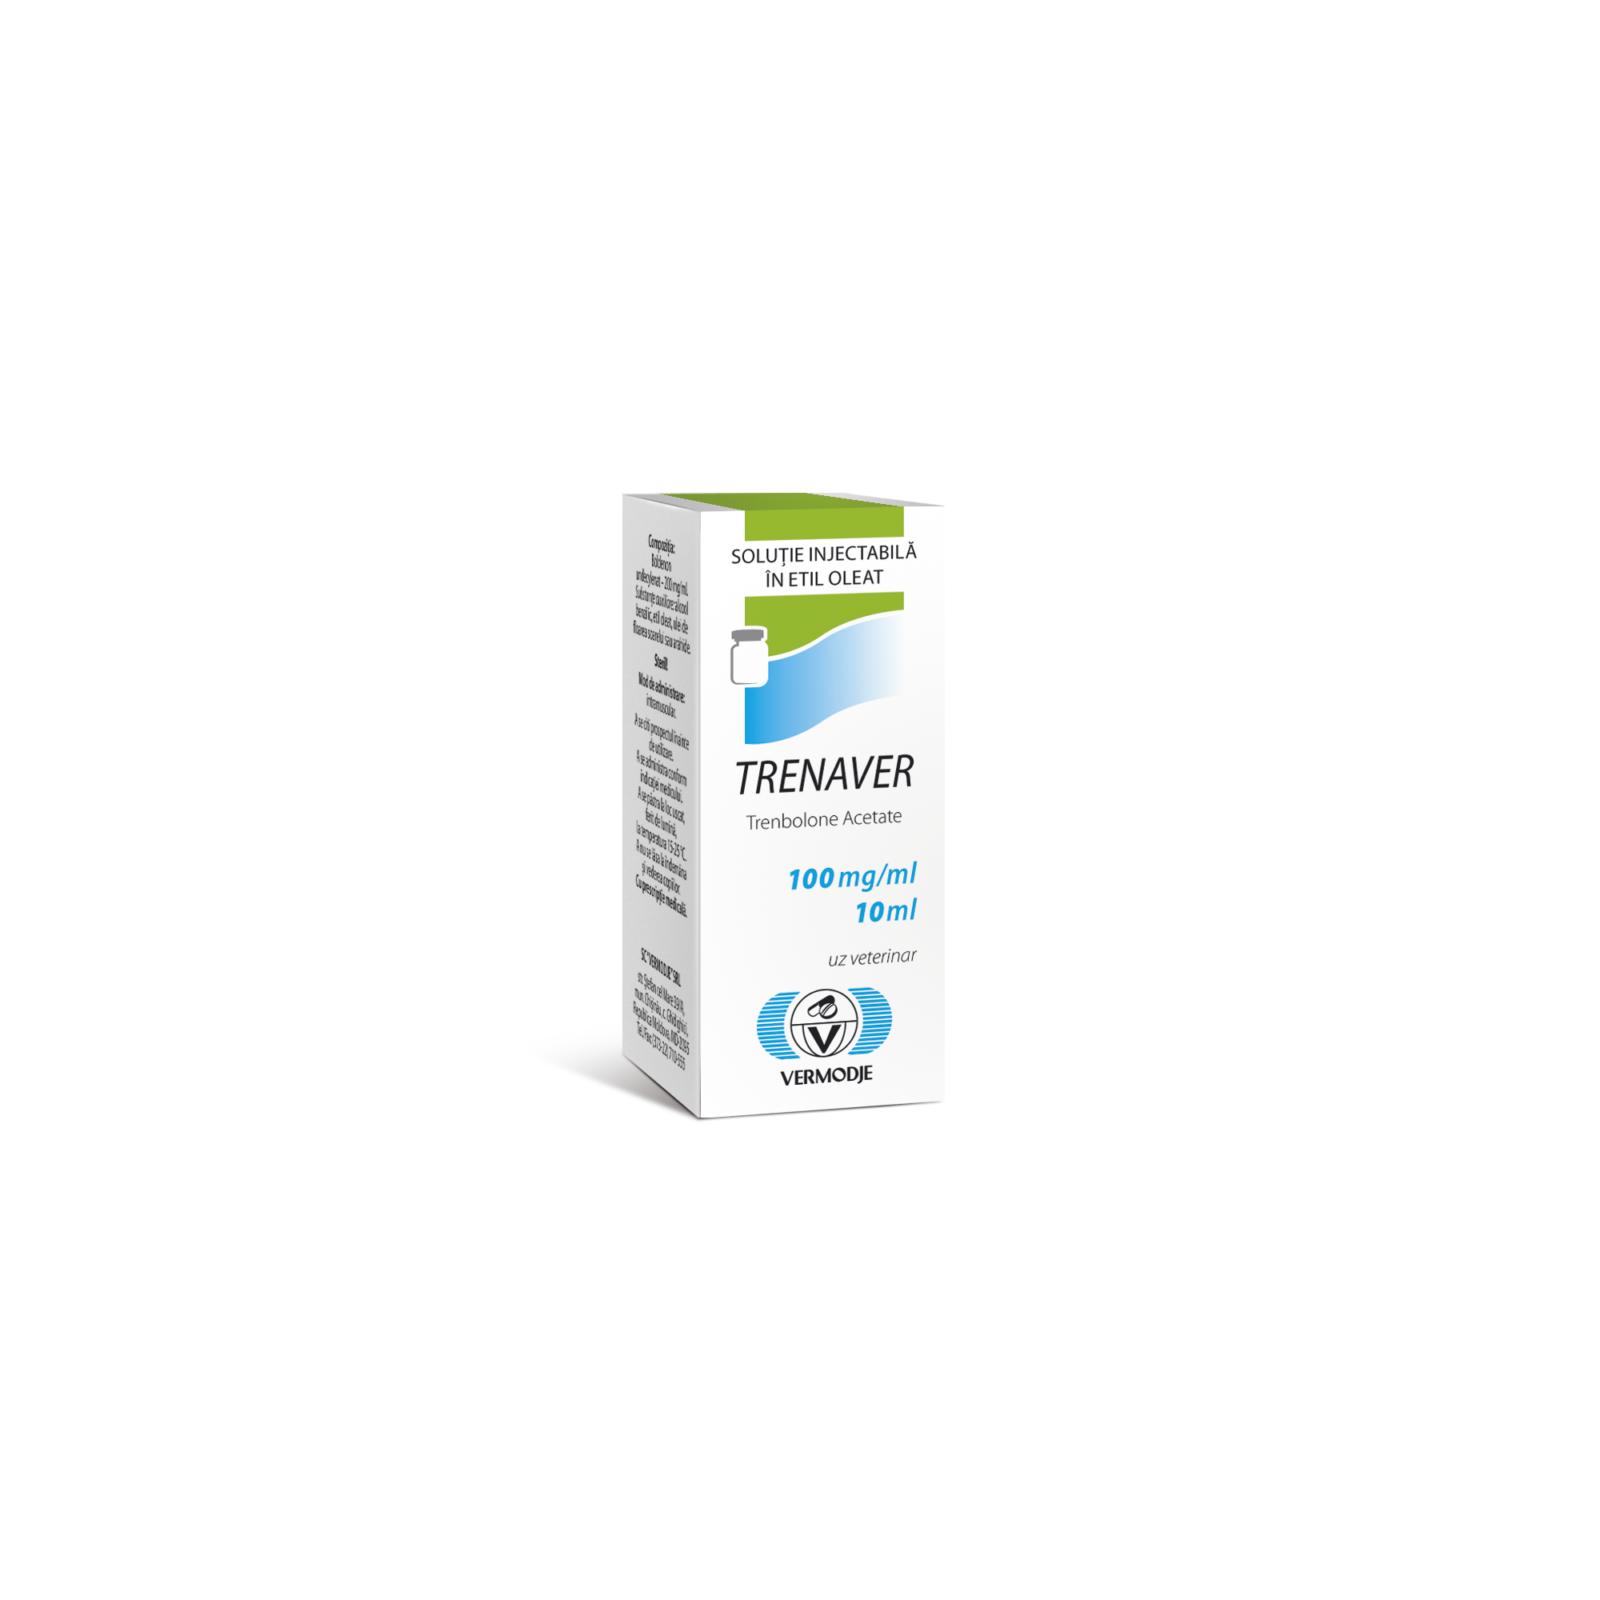 Trenaver (Trenabolone Acetate) 100 mg/ml 10 Vial